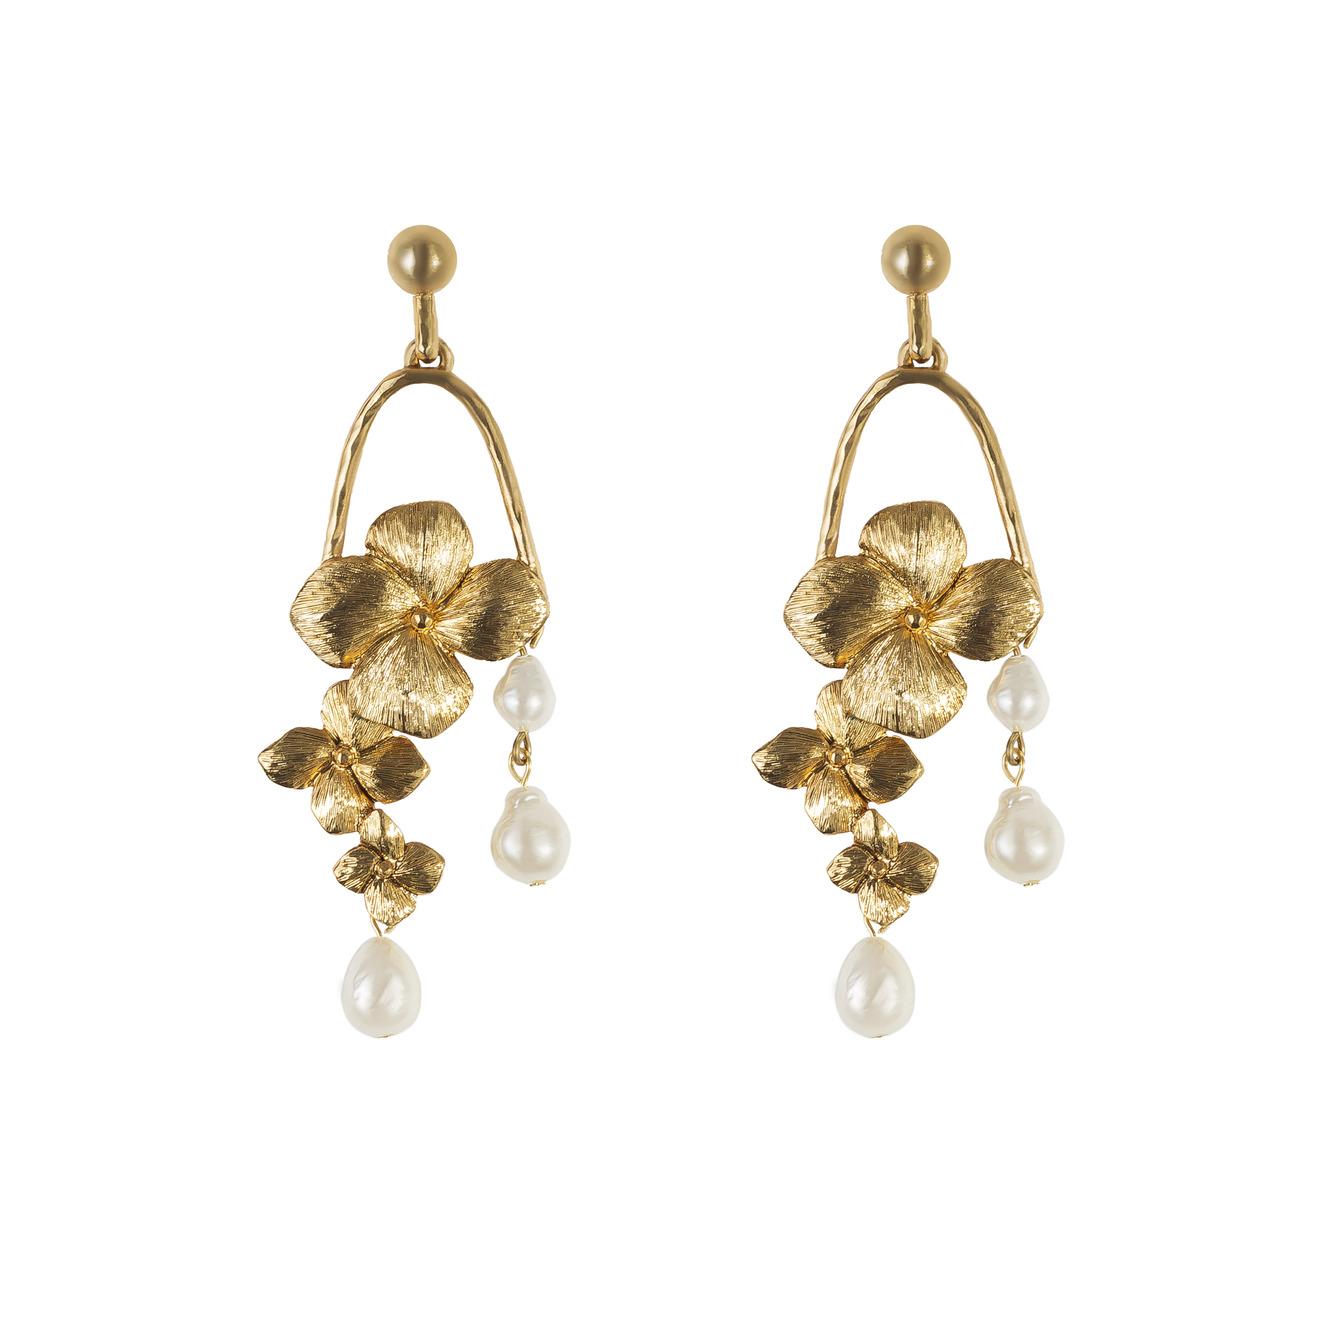 Oscar de la Renta Золотистые серьги-цветы